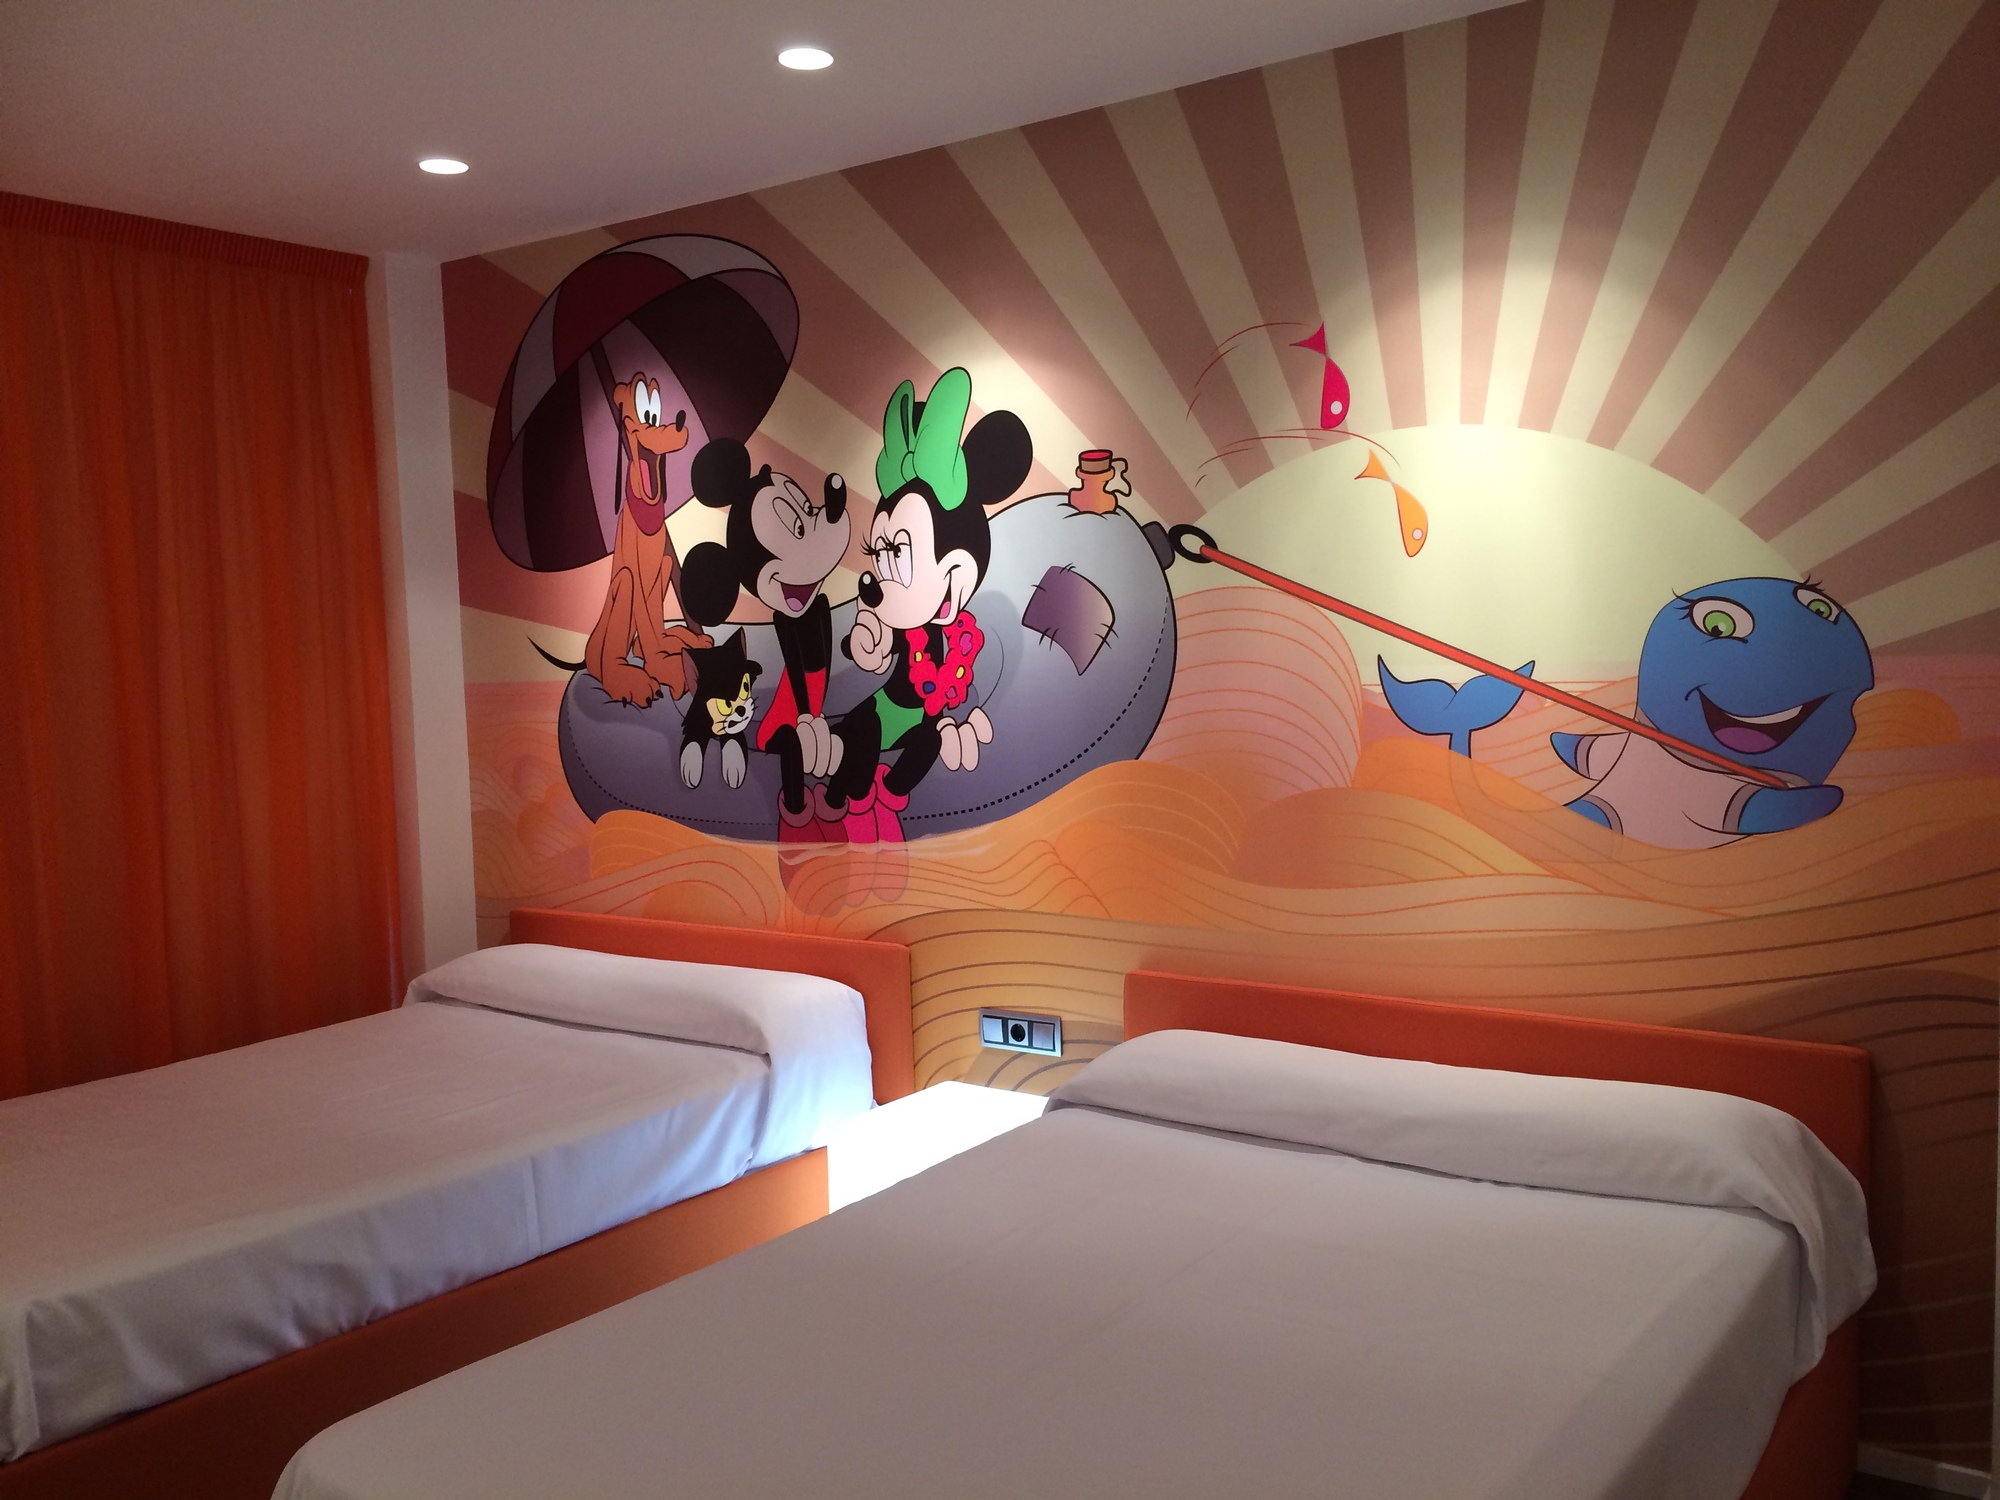 Habitaciones tem ticas infantiles del hotel acuazul - Habitaciones infantiles disney ...